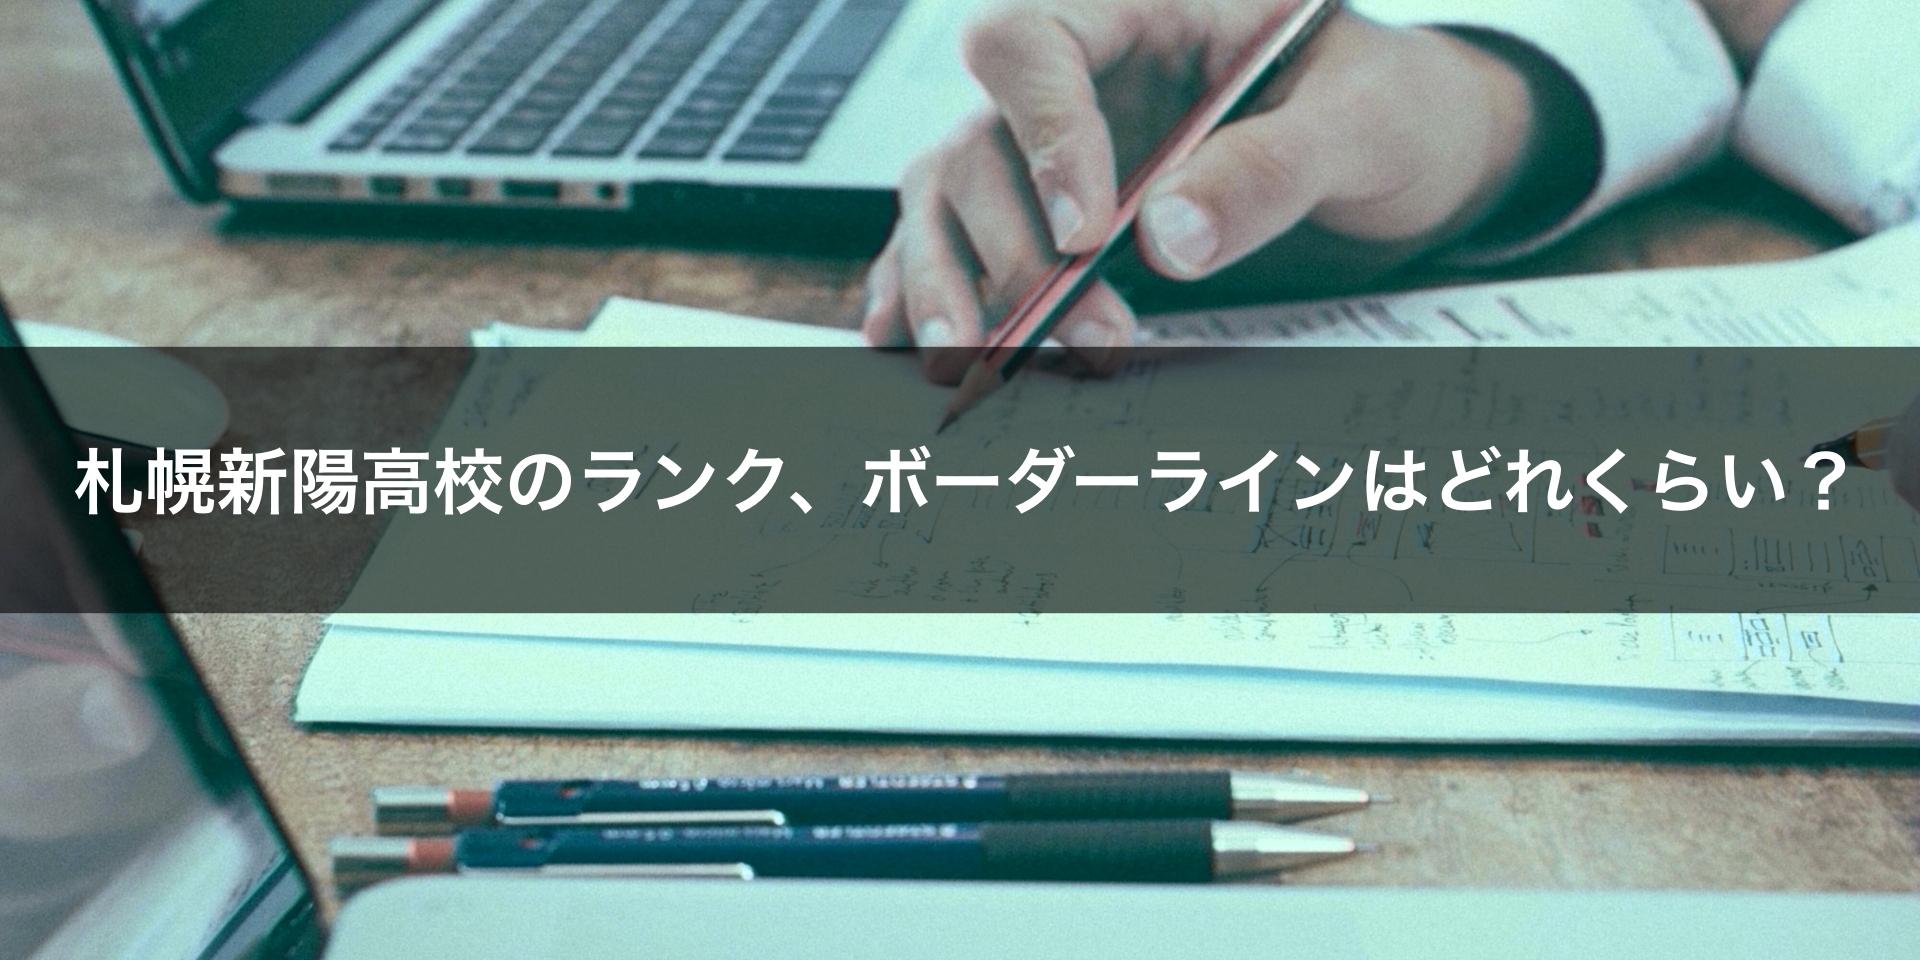 札幌新陽高校のランク、ボーダーラインはどれくらい?